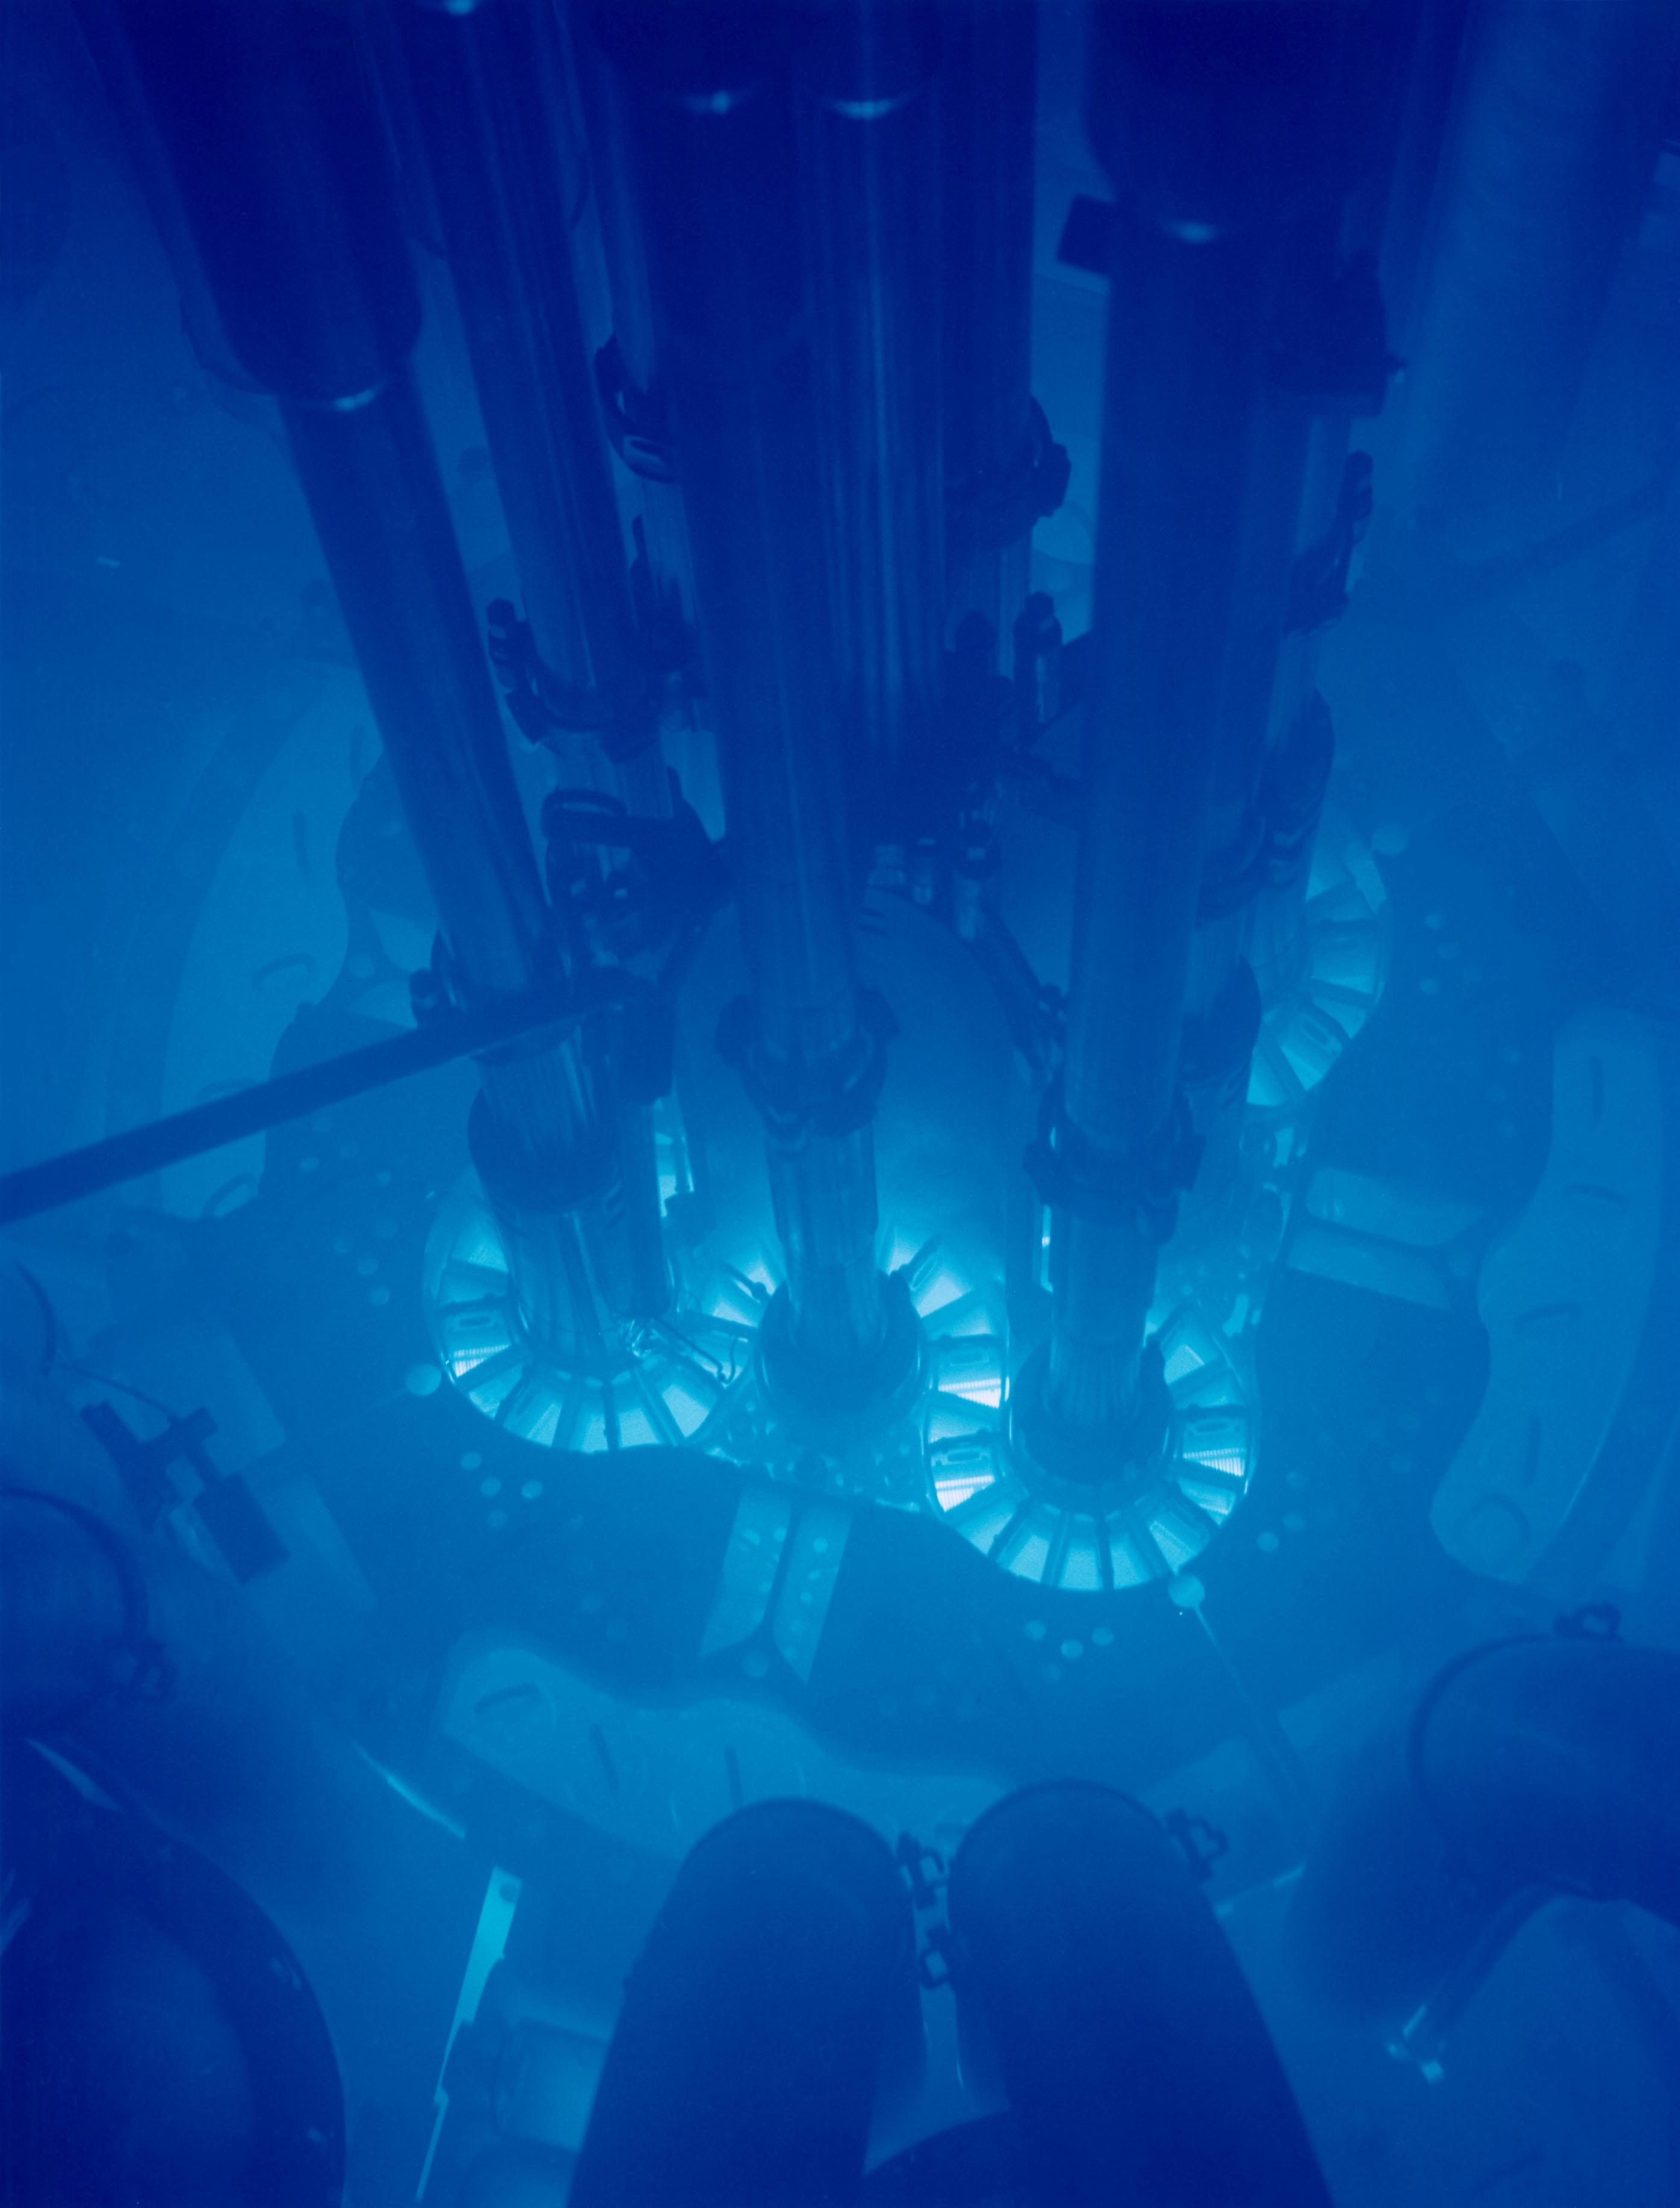 Исследовательский реактор (Национальная лаборатория Айдахо)